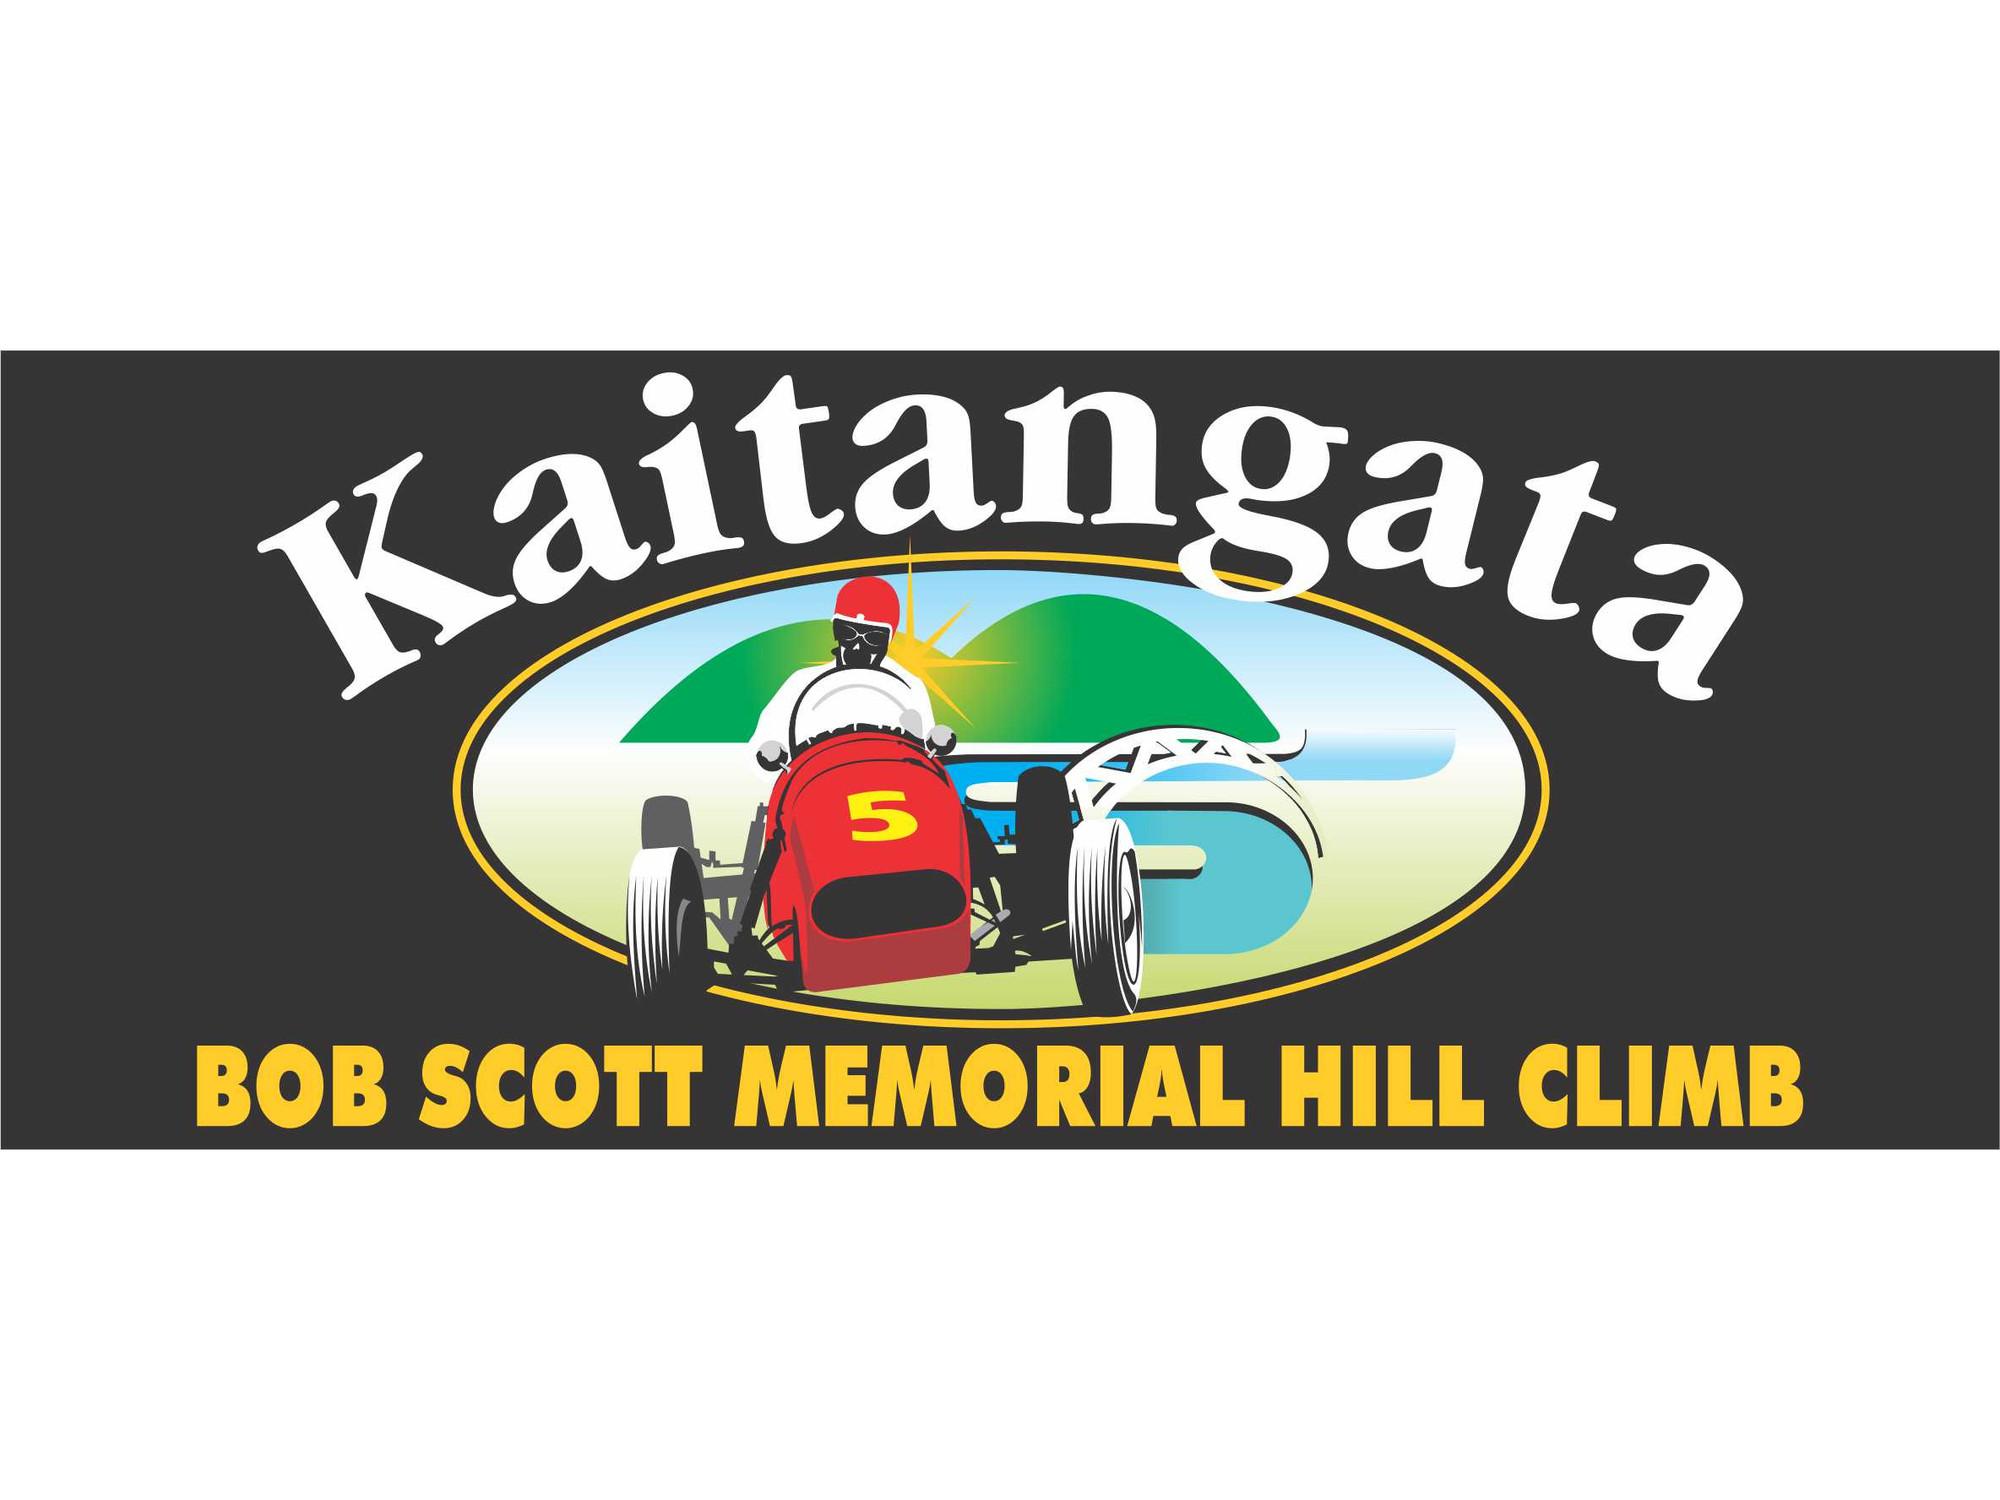 Bob Scott Memorial Hill Climb